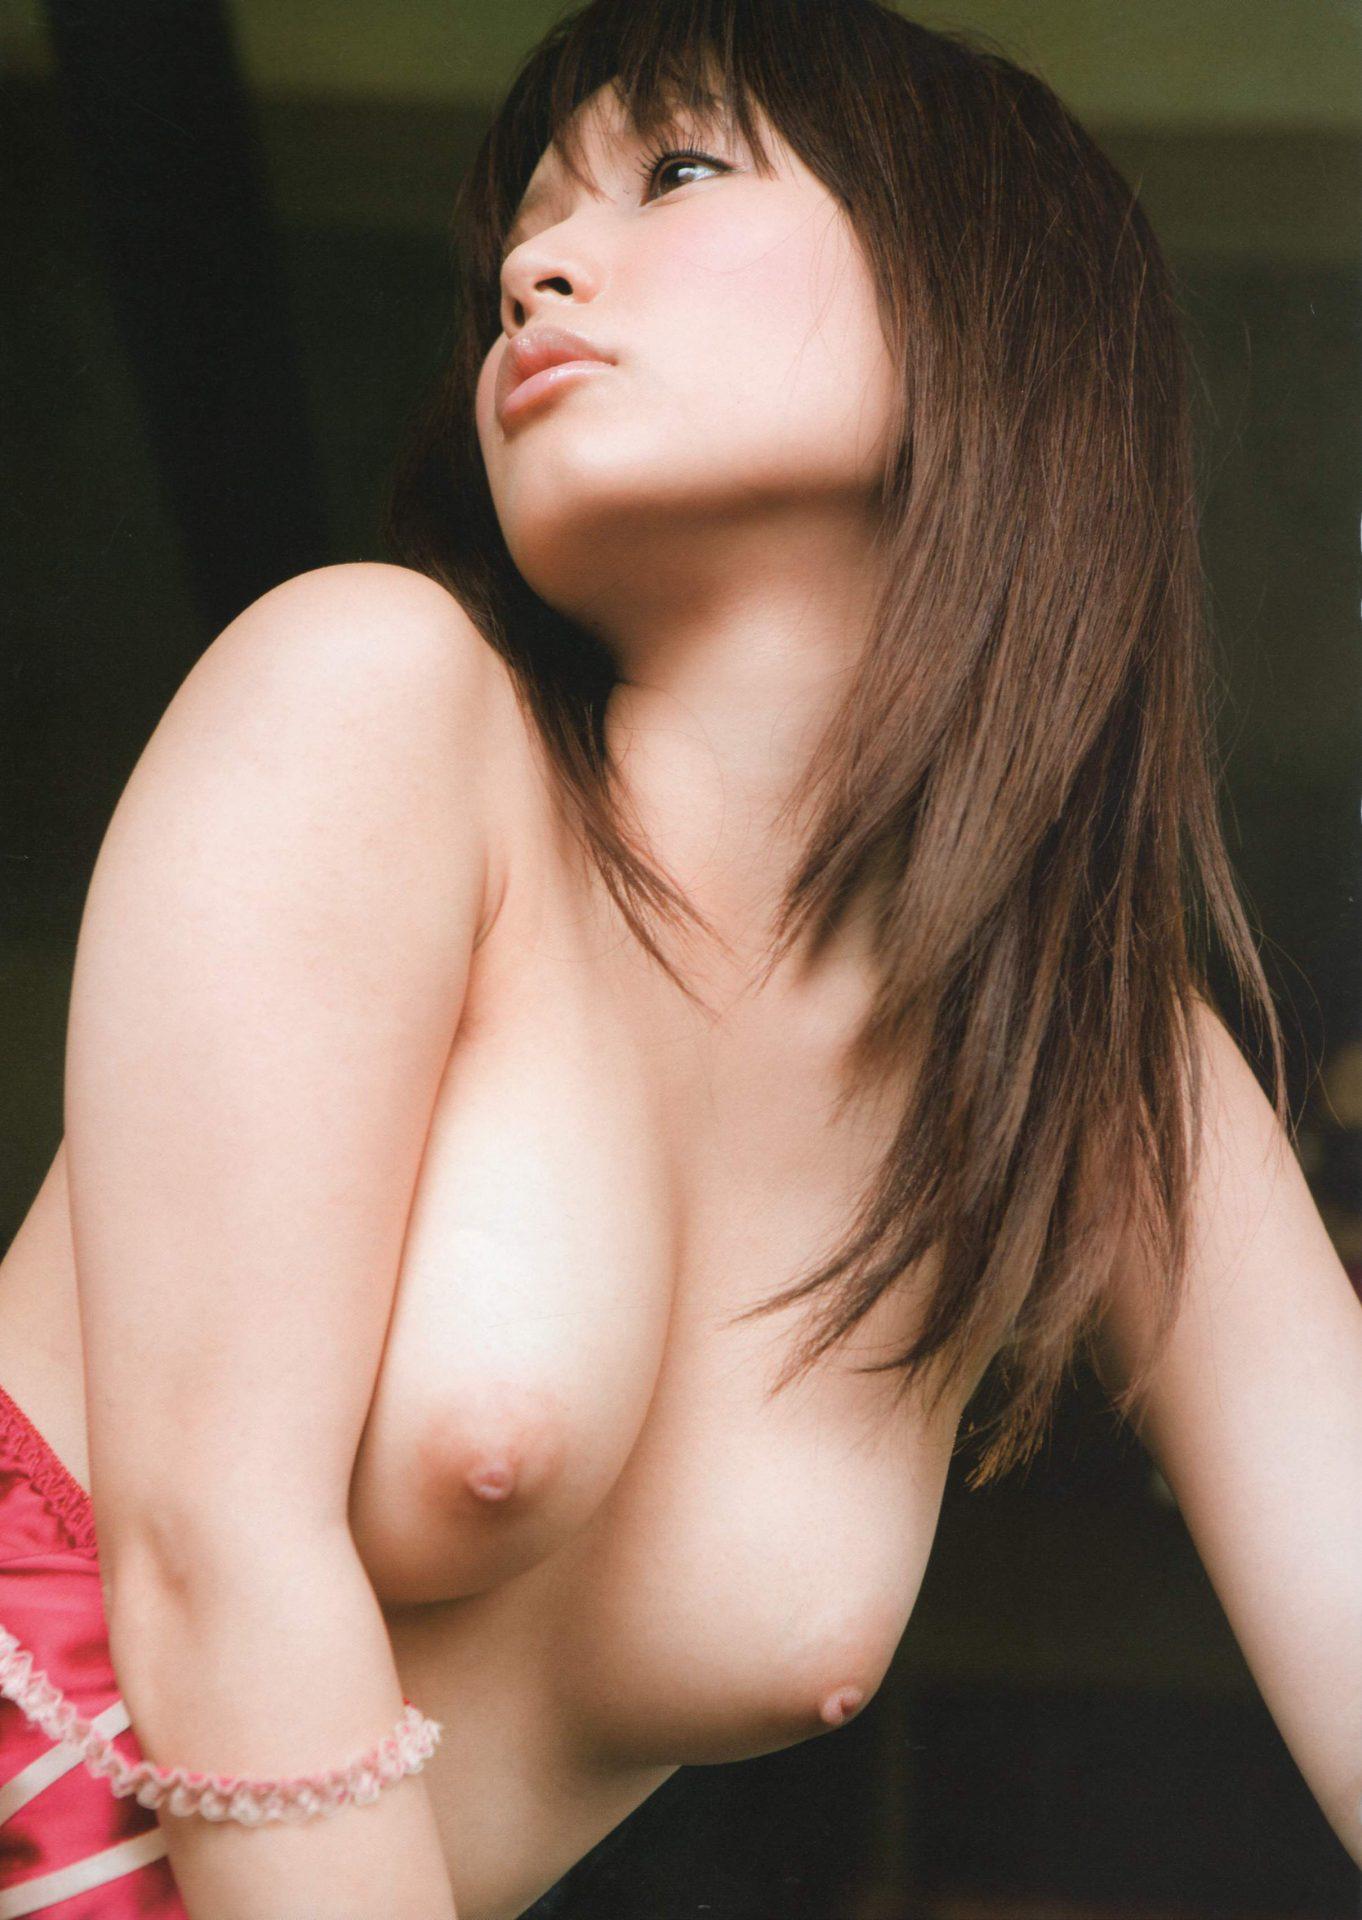 三次元 3次元 エロ画像 AV女優 小島みなみ ヌード べっぴん娘通信 088